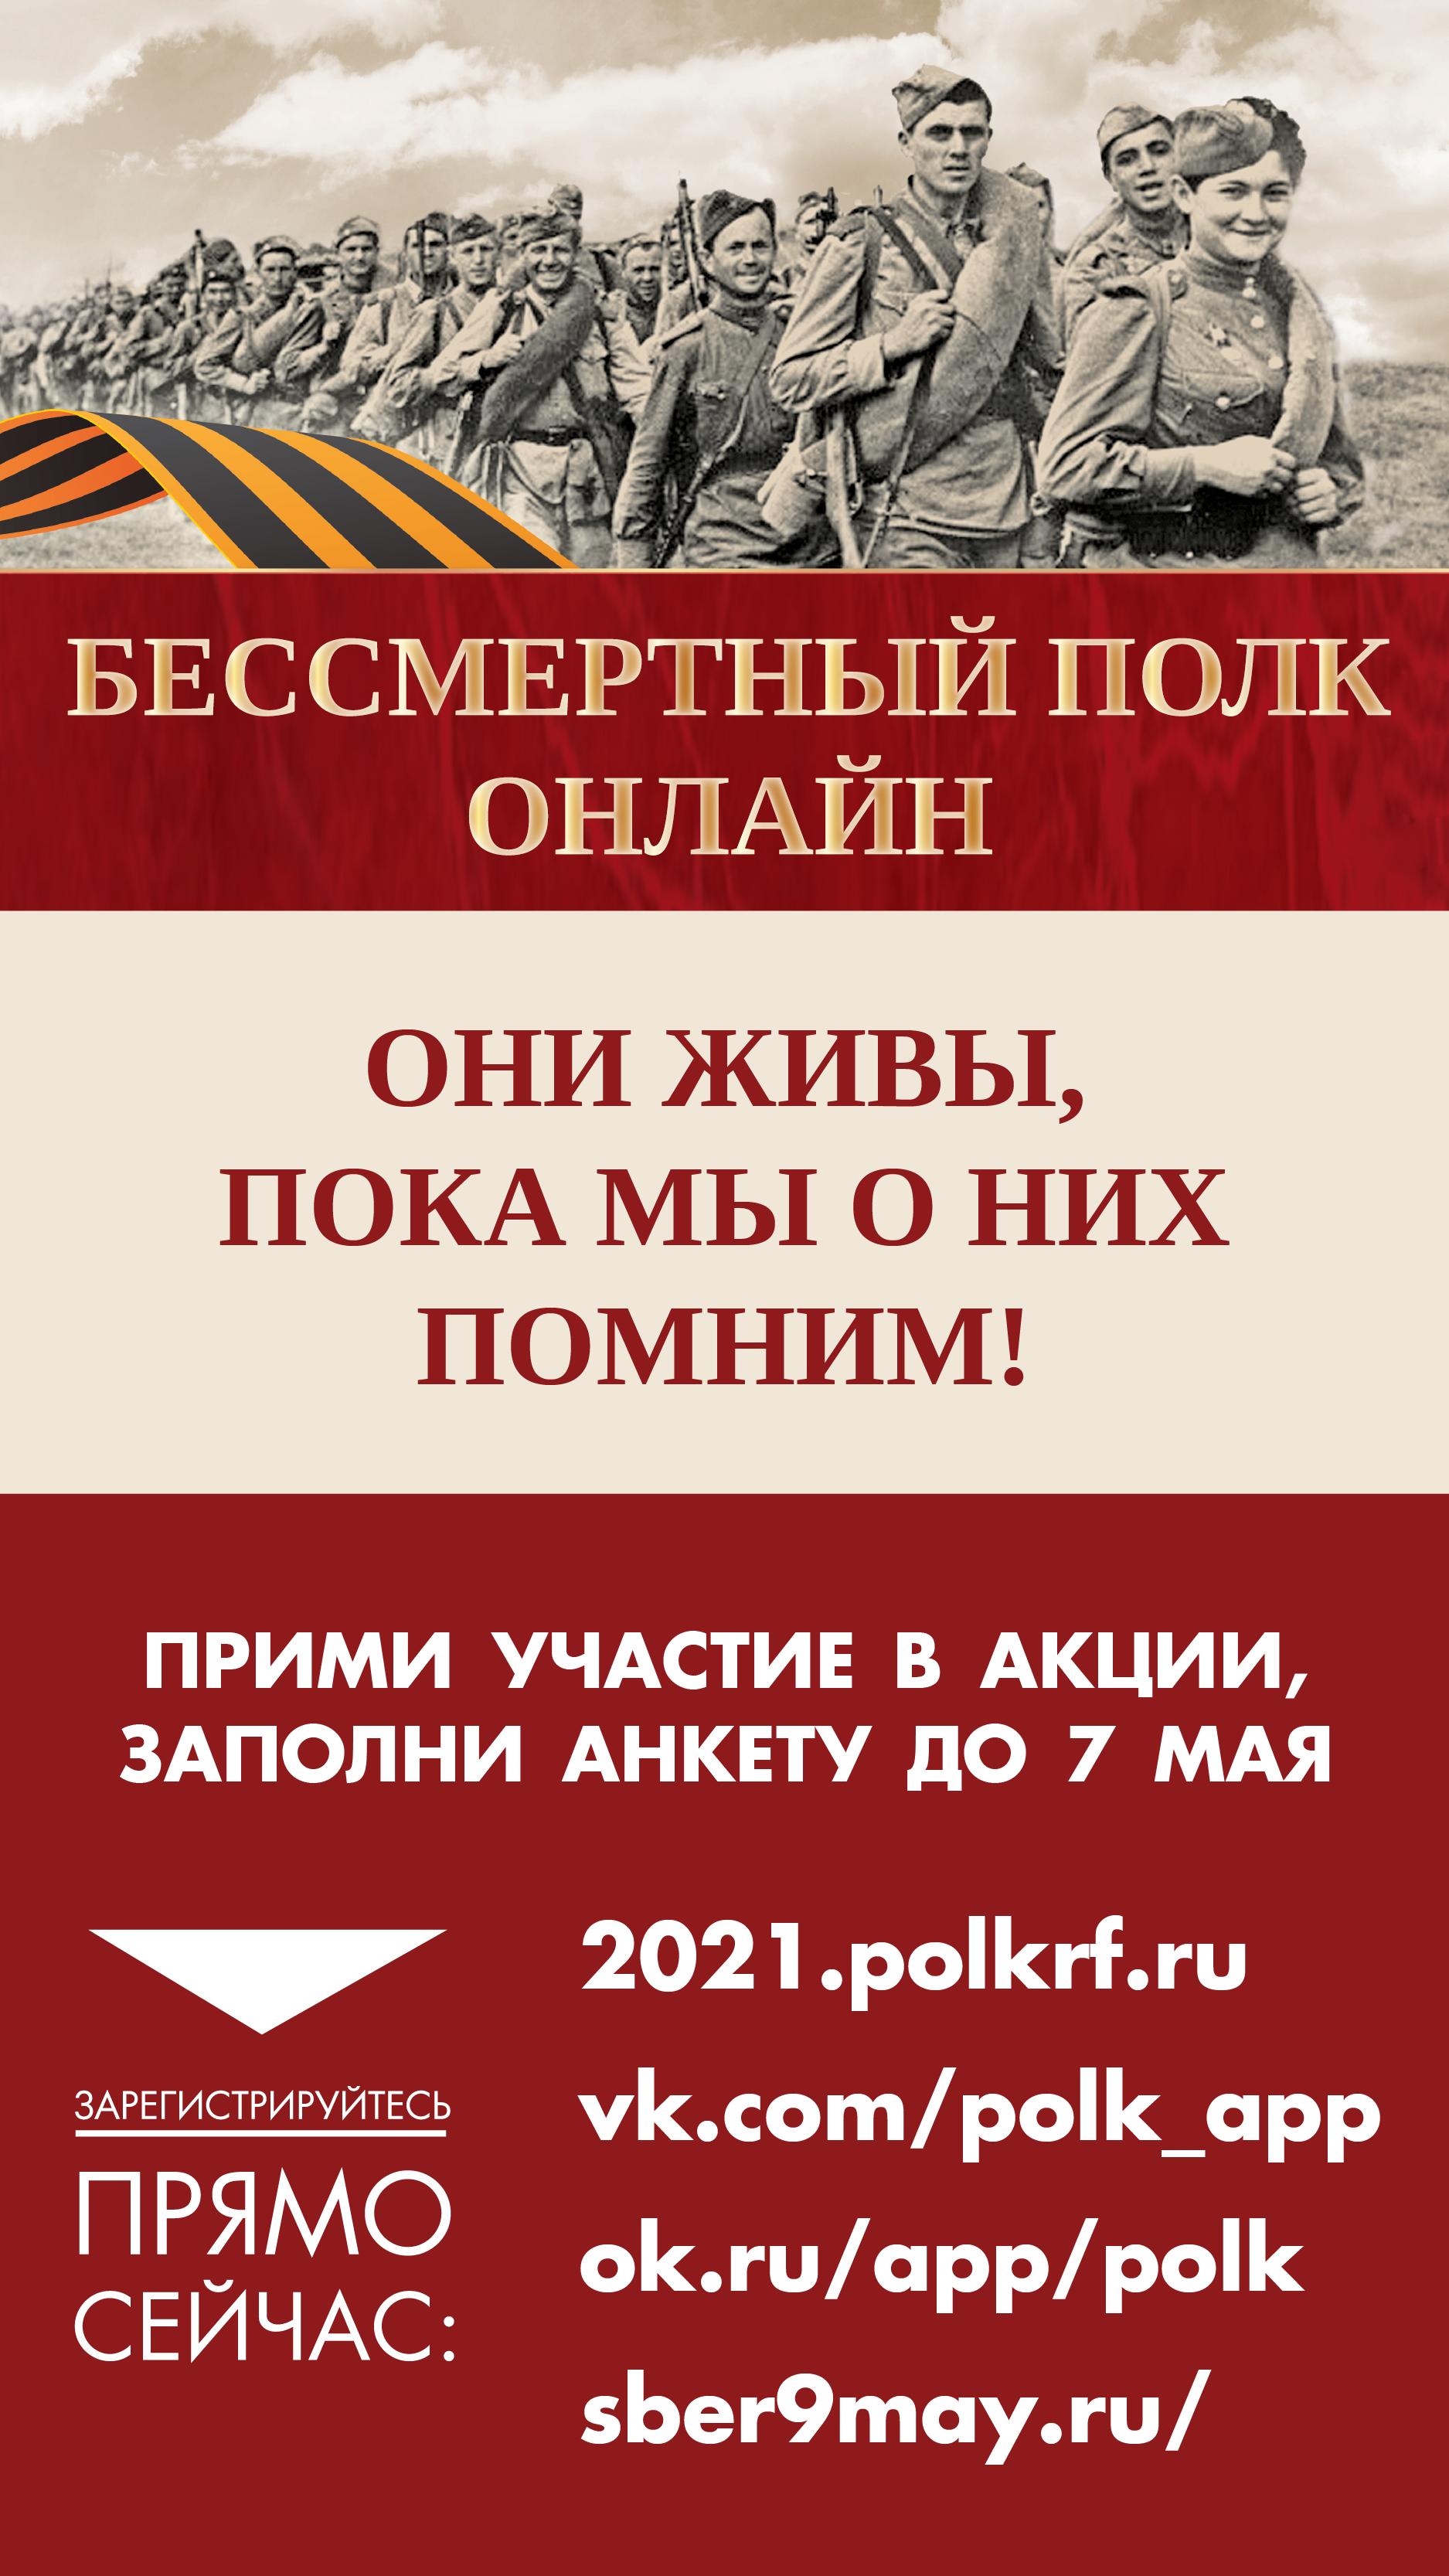 Победа 2021